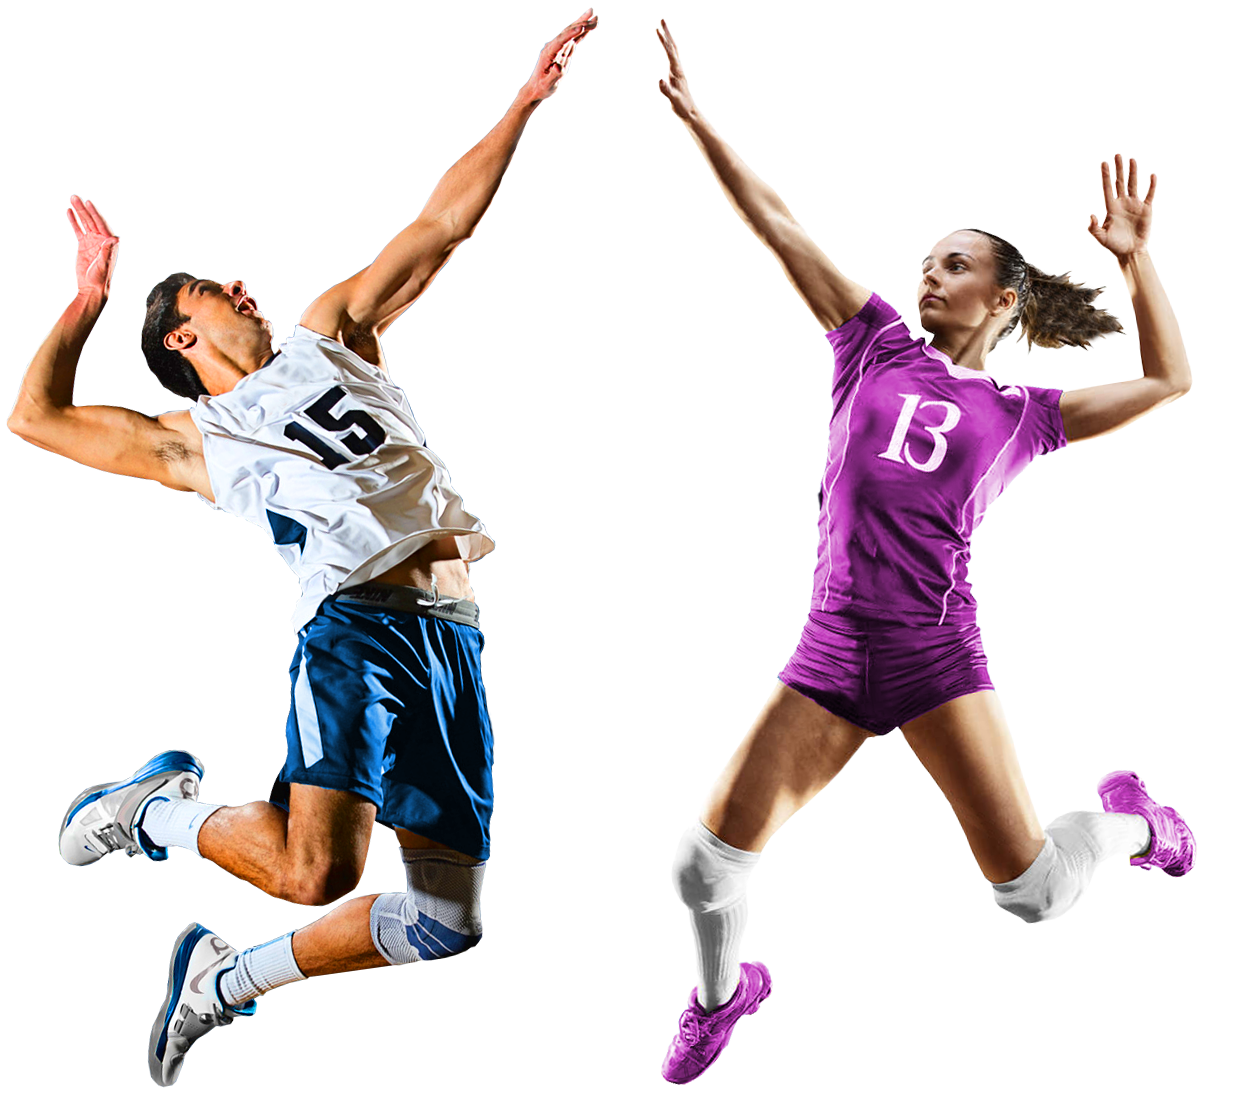 Asociación Jugadores y Jugadoras Voleibol